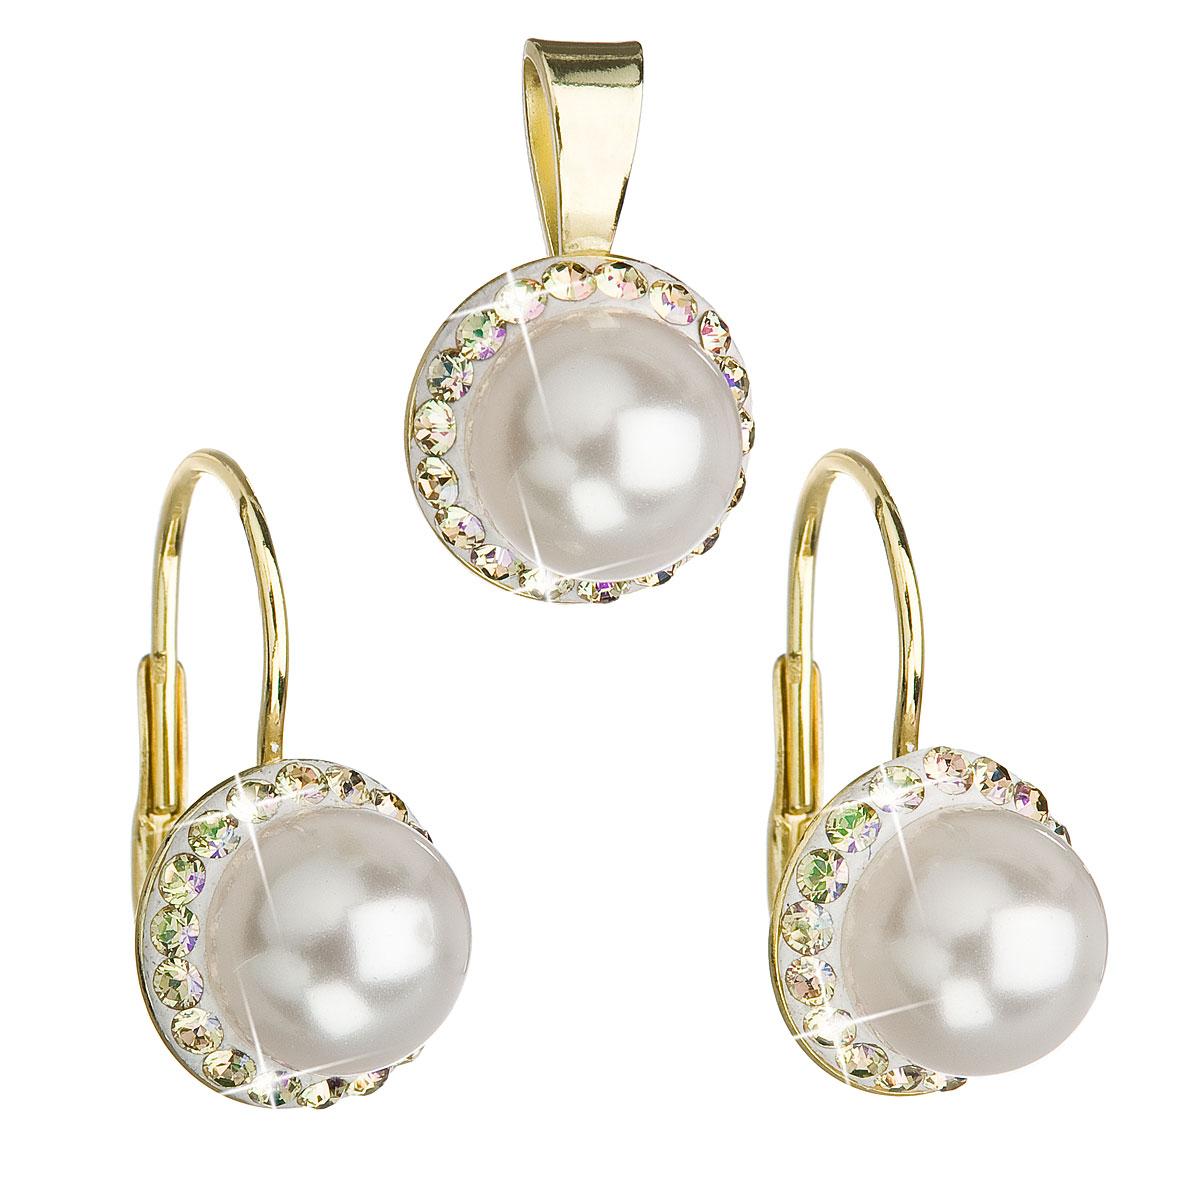 Sada šperků s krystaly Swarovski náušnice a přívěsek bílá perla kulaté 39091.6